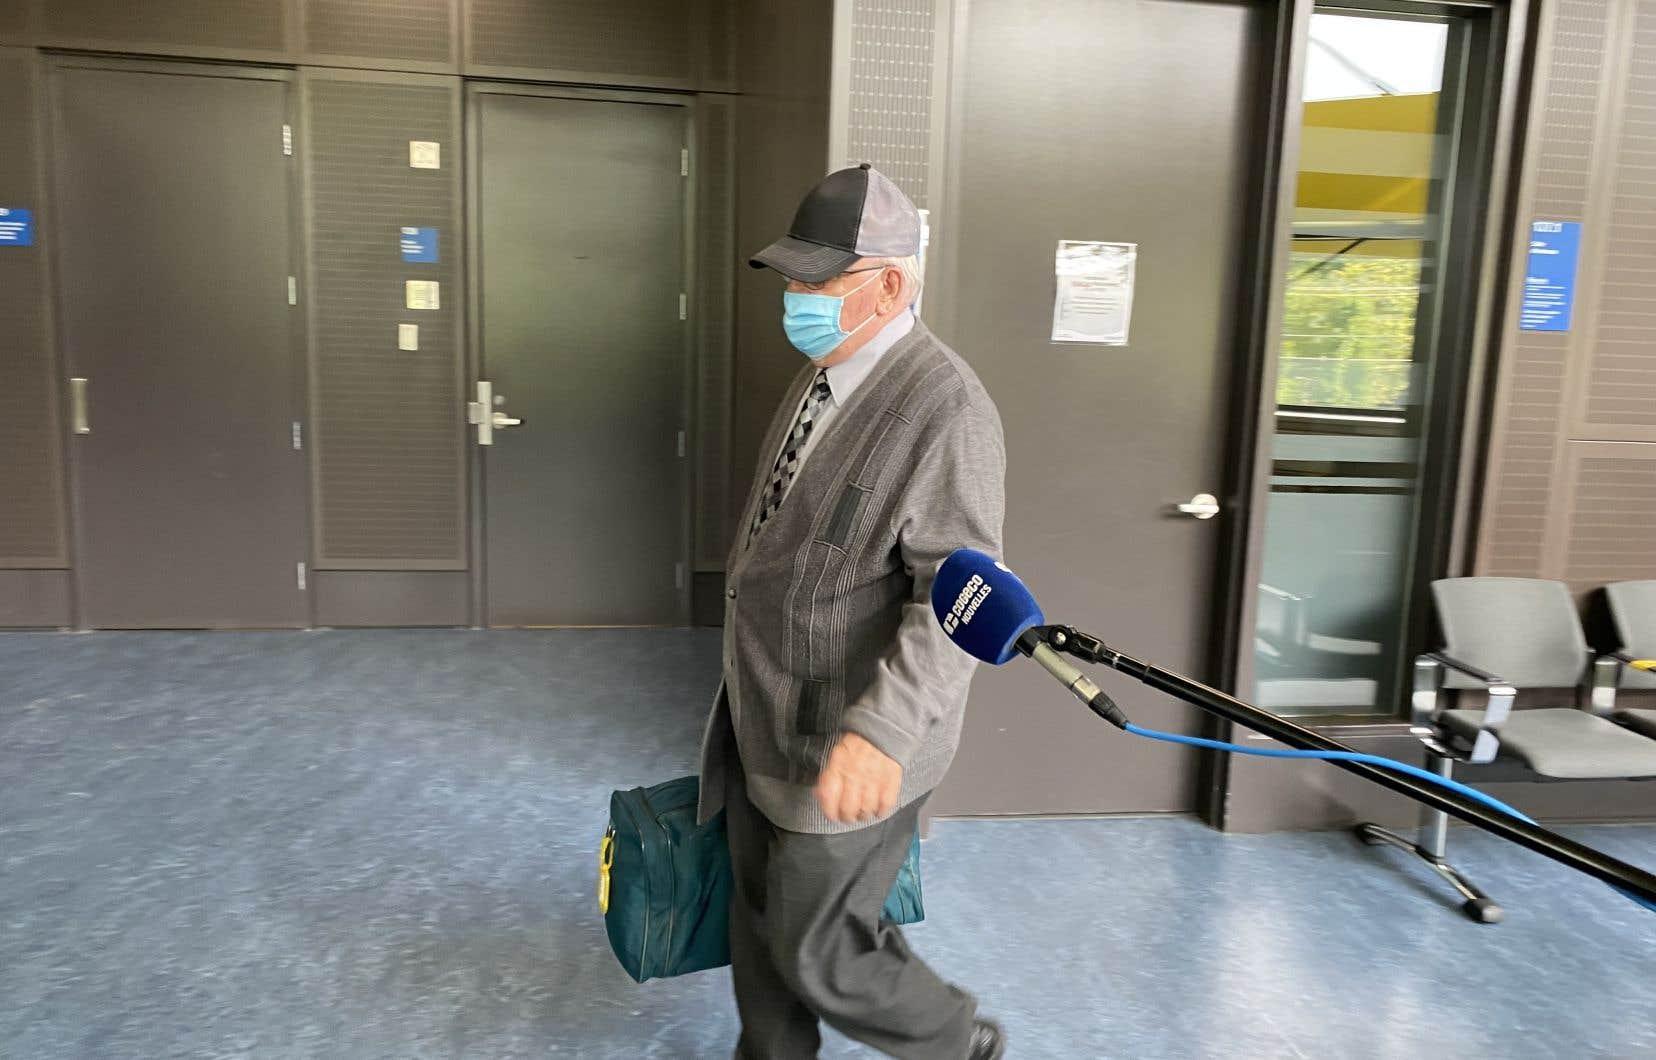 L'homme de 79ans a plaidé coupable à 12 chefs d'accusation de grossière indécence pour des gestes à caractère sexuel commis contre 12 anciens élèves du collège Bourget, à Rigaud, de 1982 à 1990.